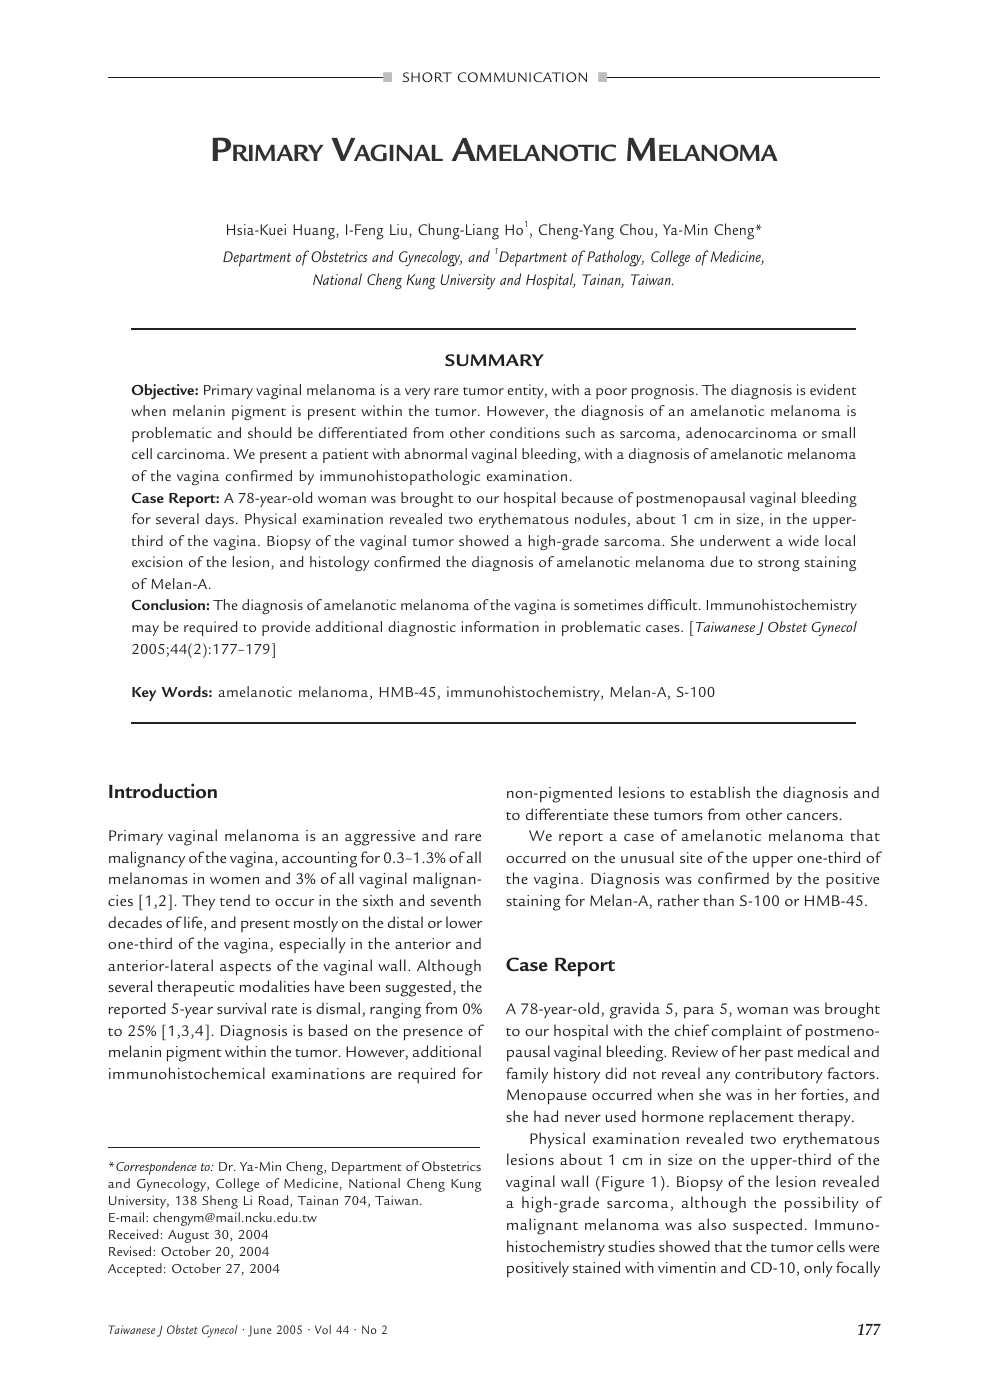 nagina mali research paper